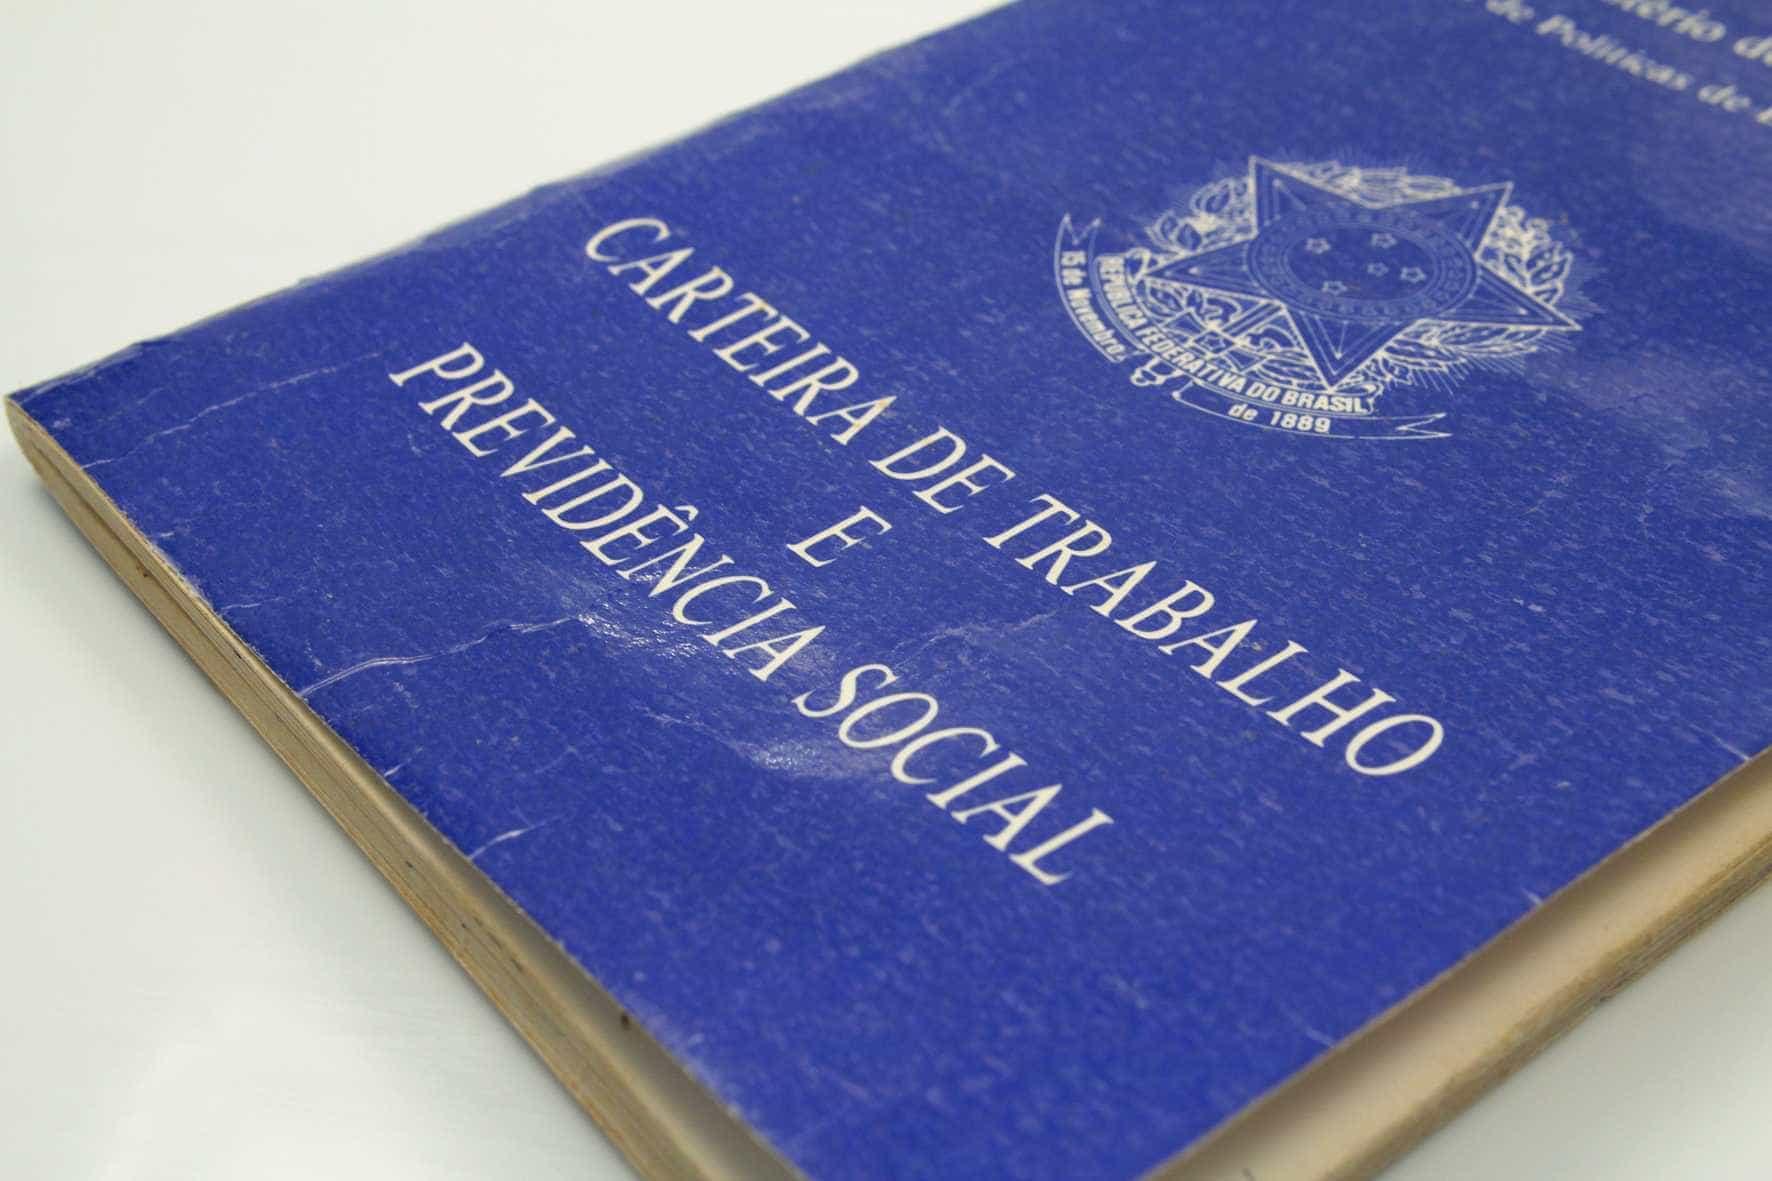 Governo pode excluir afastamento por doença de cálculo da aposentadoria